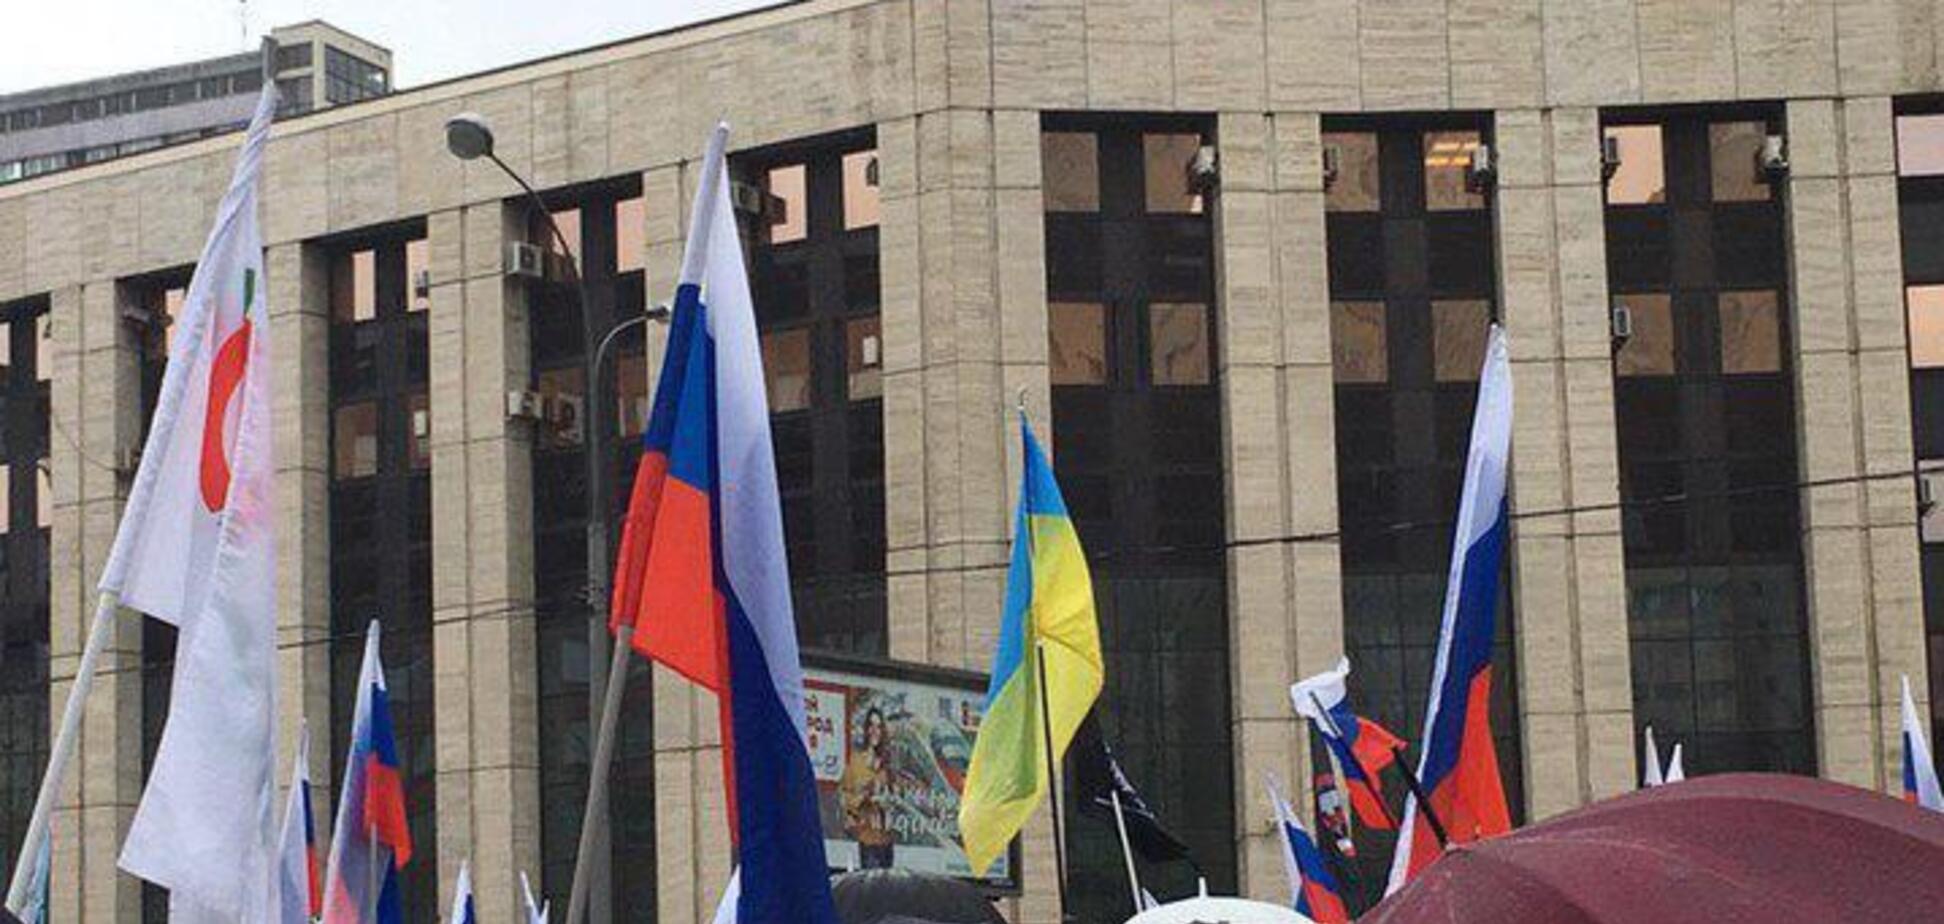 'Ви ох*їли?' На мітингу в Москві трапився інцидент через український прапор